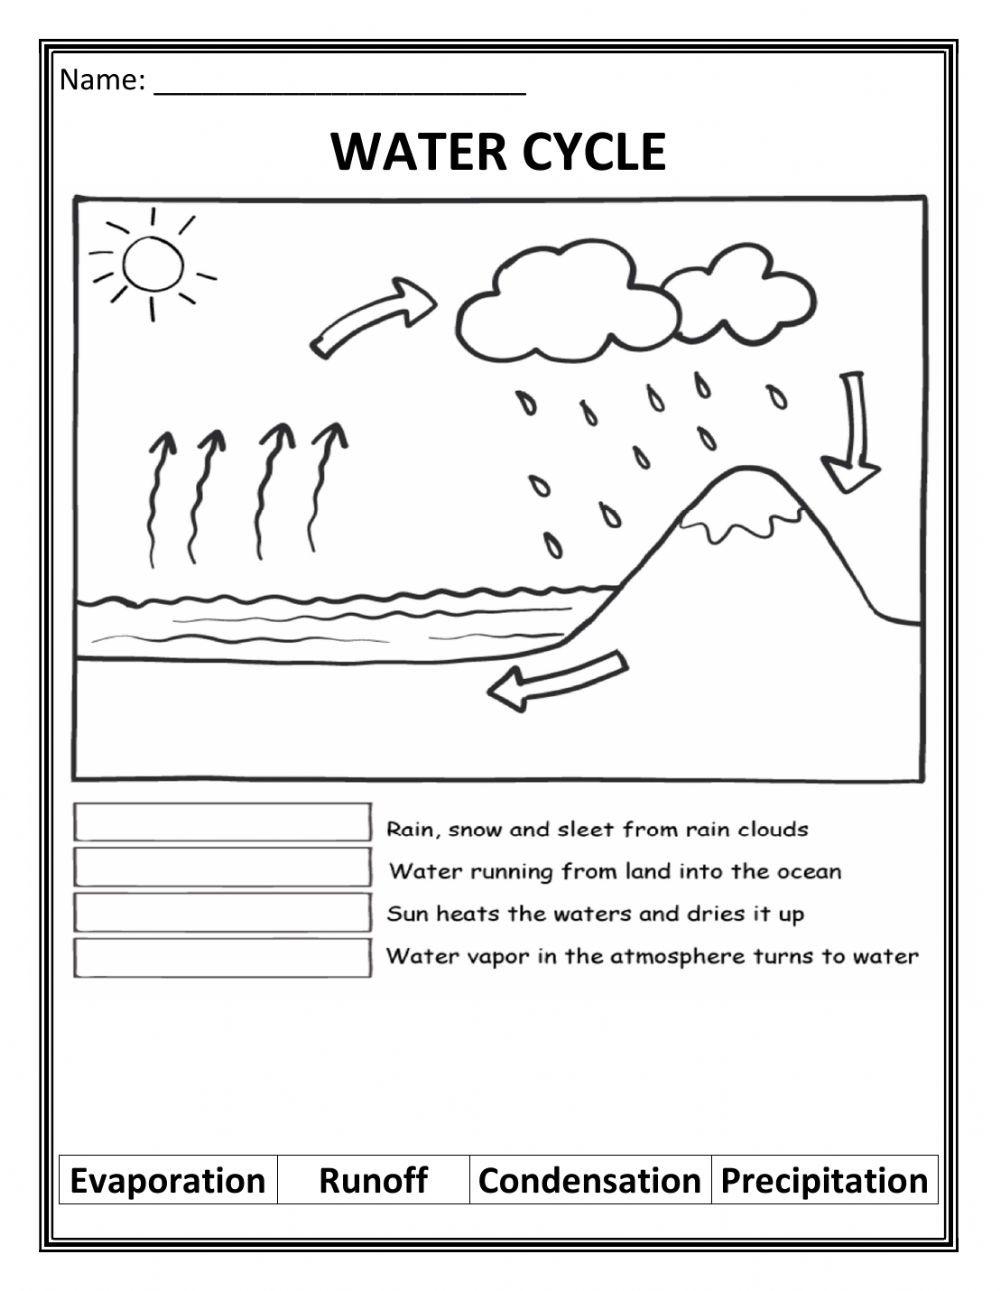 Water Cycle Worksheet Pdf Water Cycle Interactive Worksheet